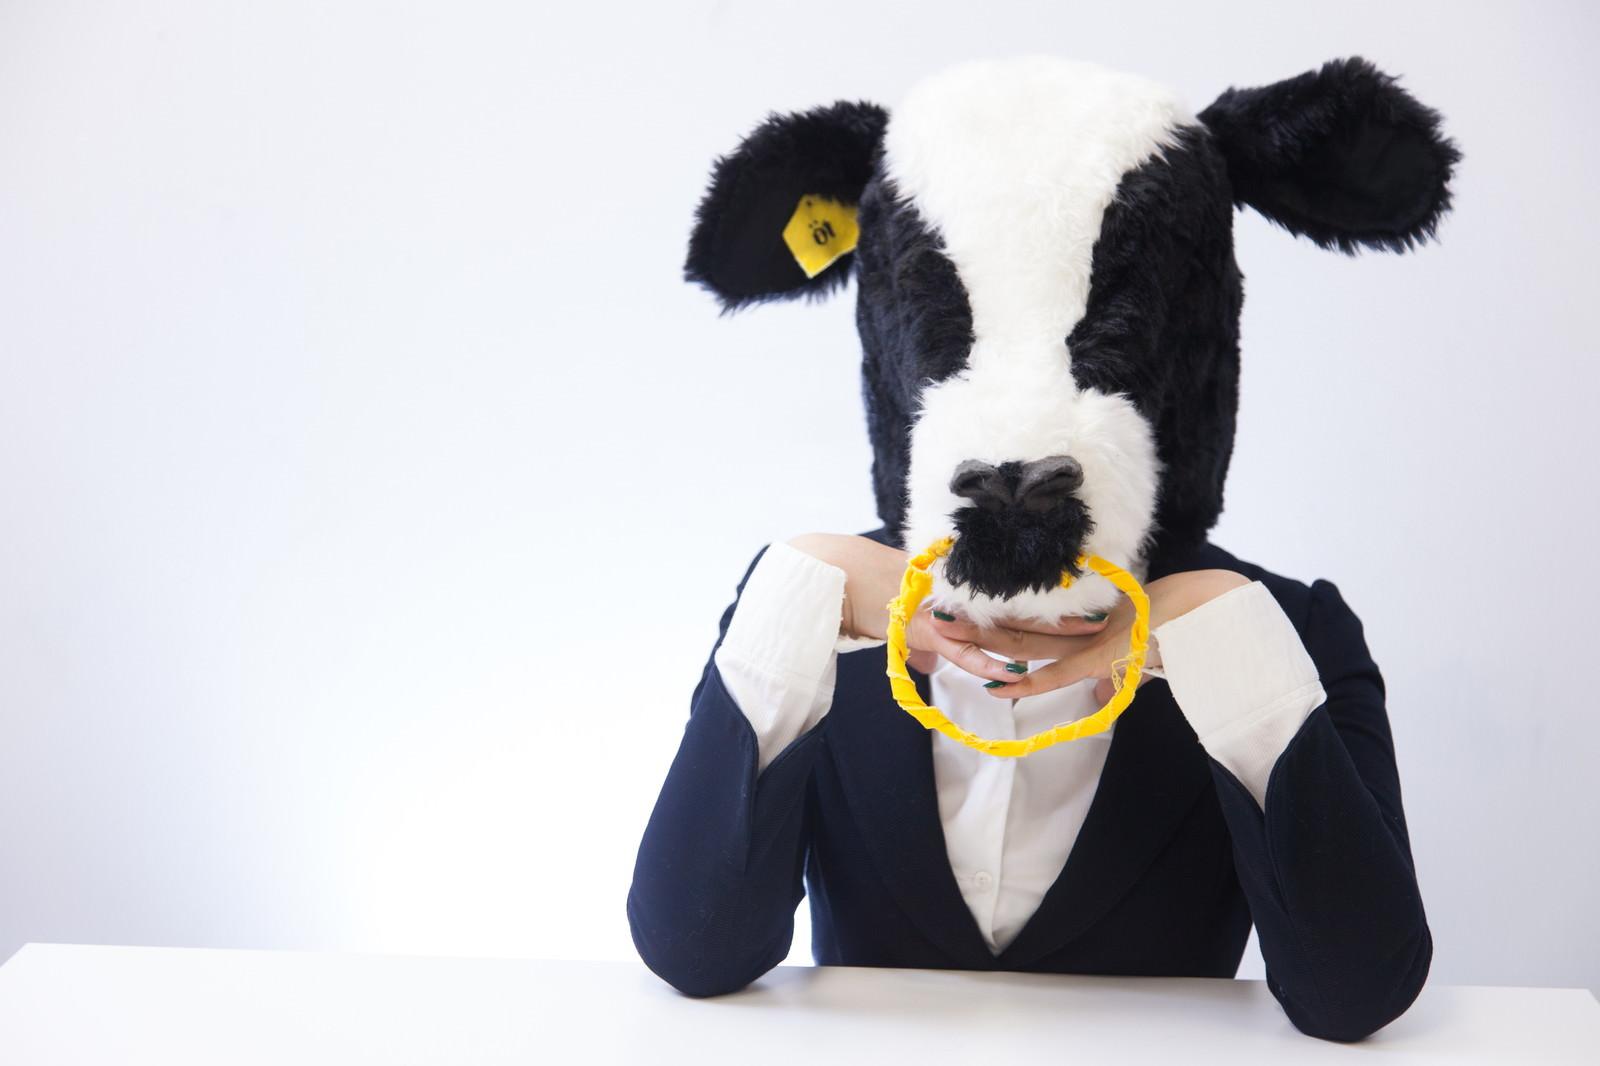 「恋するエト牛恋するエト牛」[モデル:古性のっち]のフリー写真素材を拡大